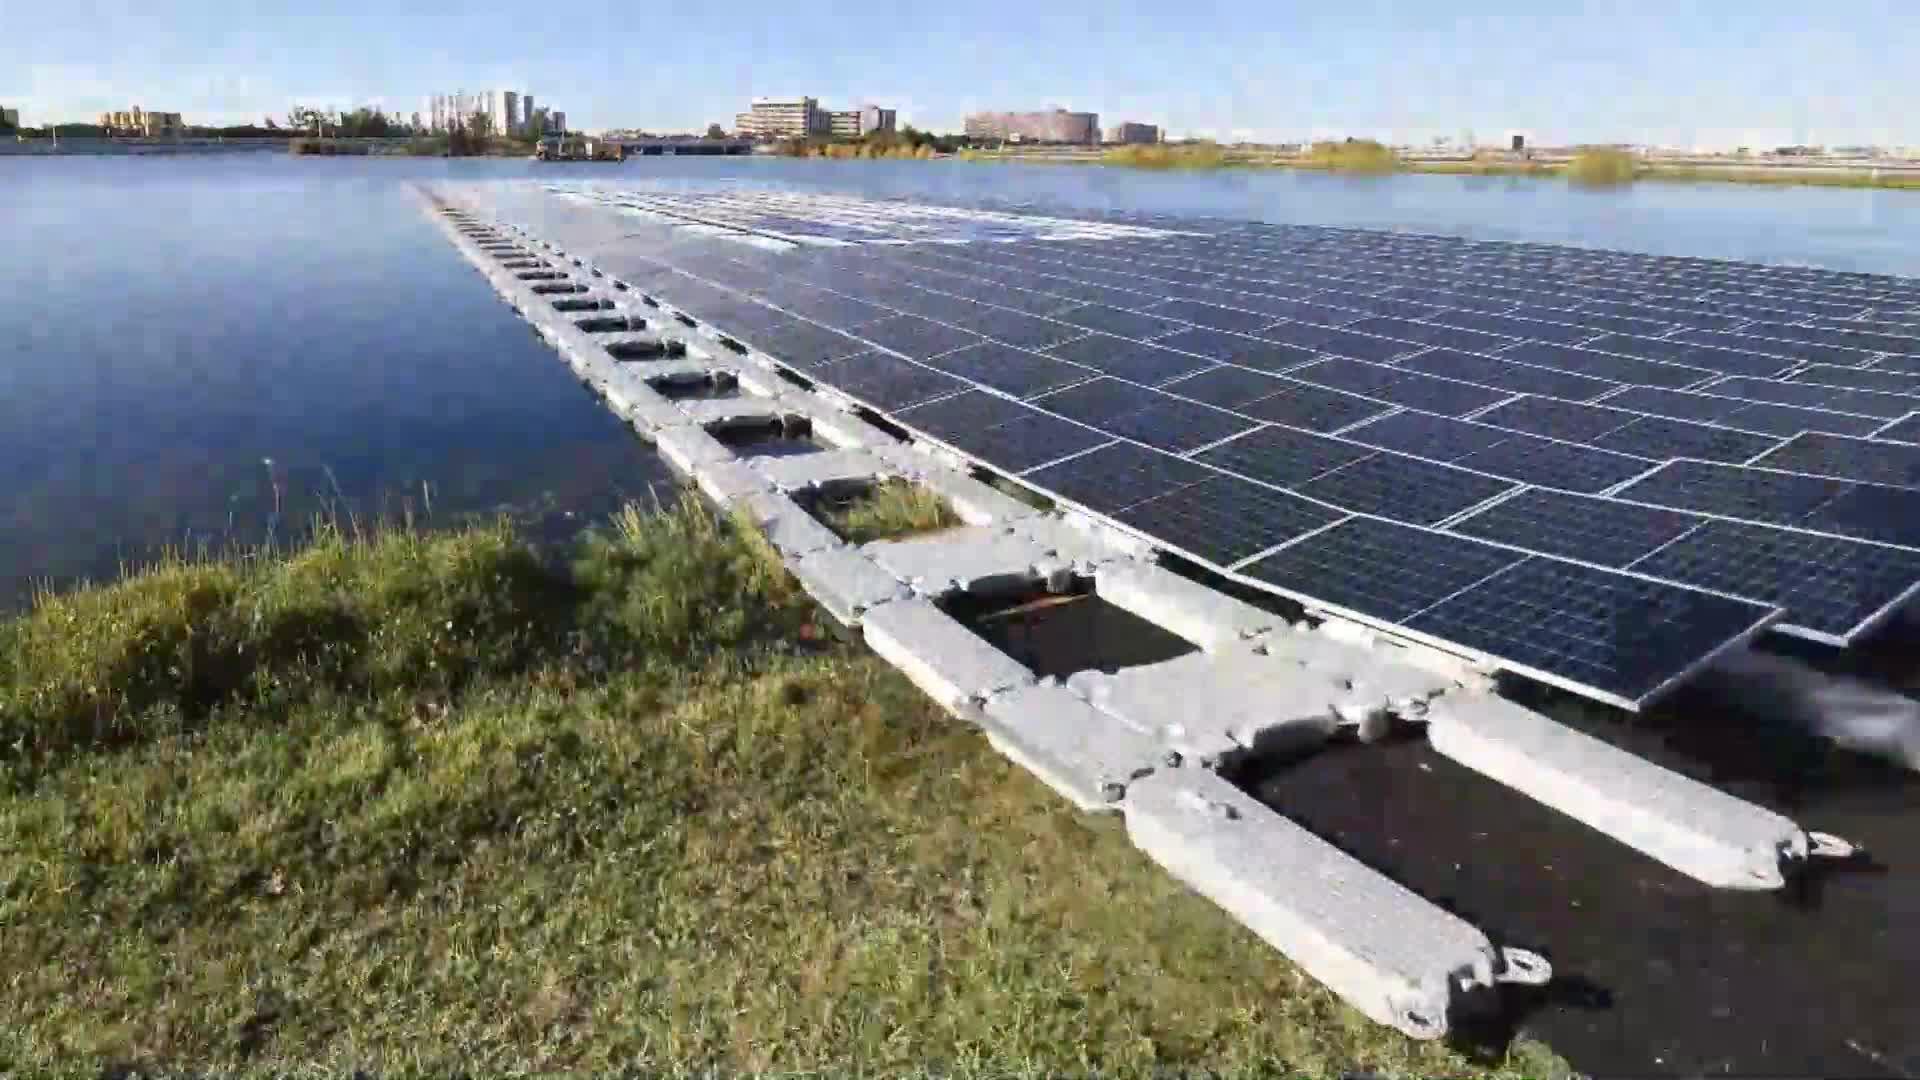 Inauguran en un lago de Miami una plataforma flotante de energía solar